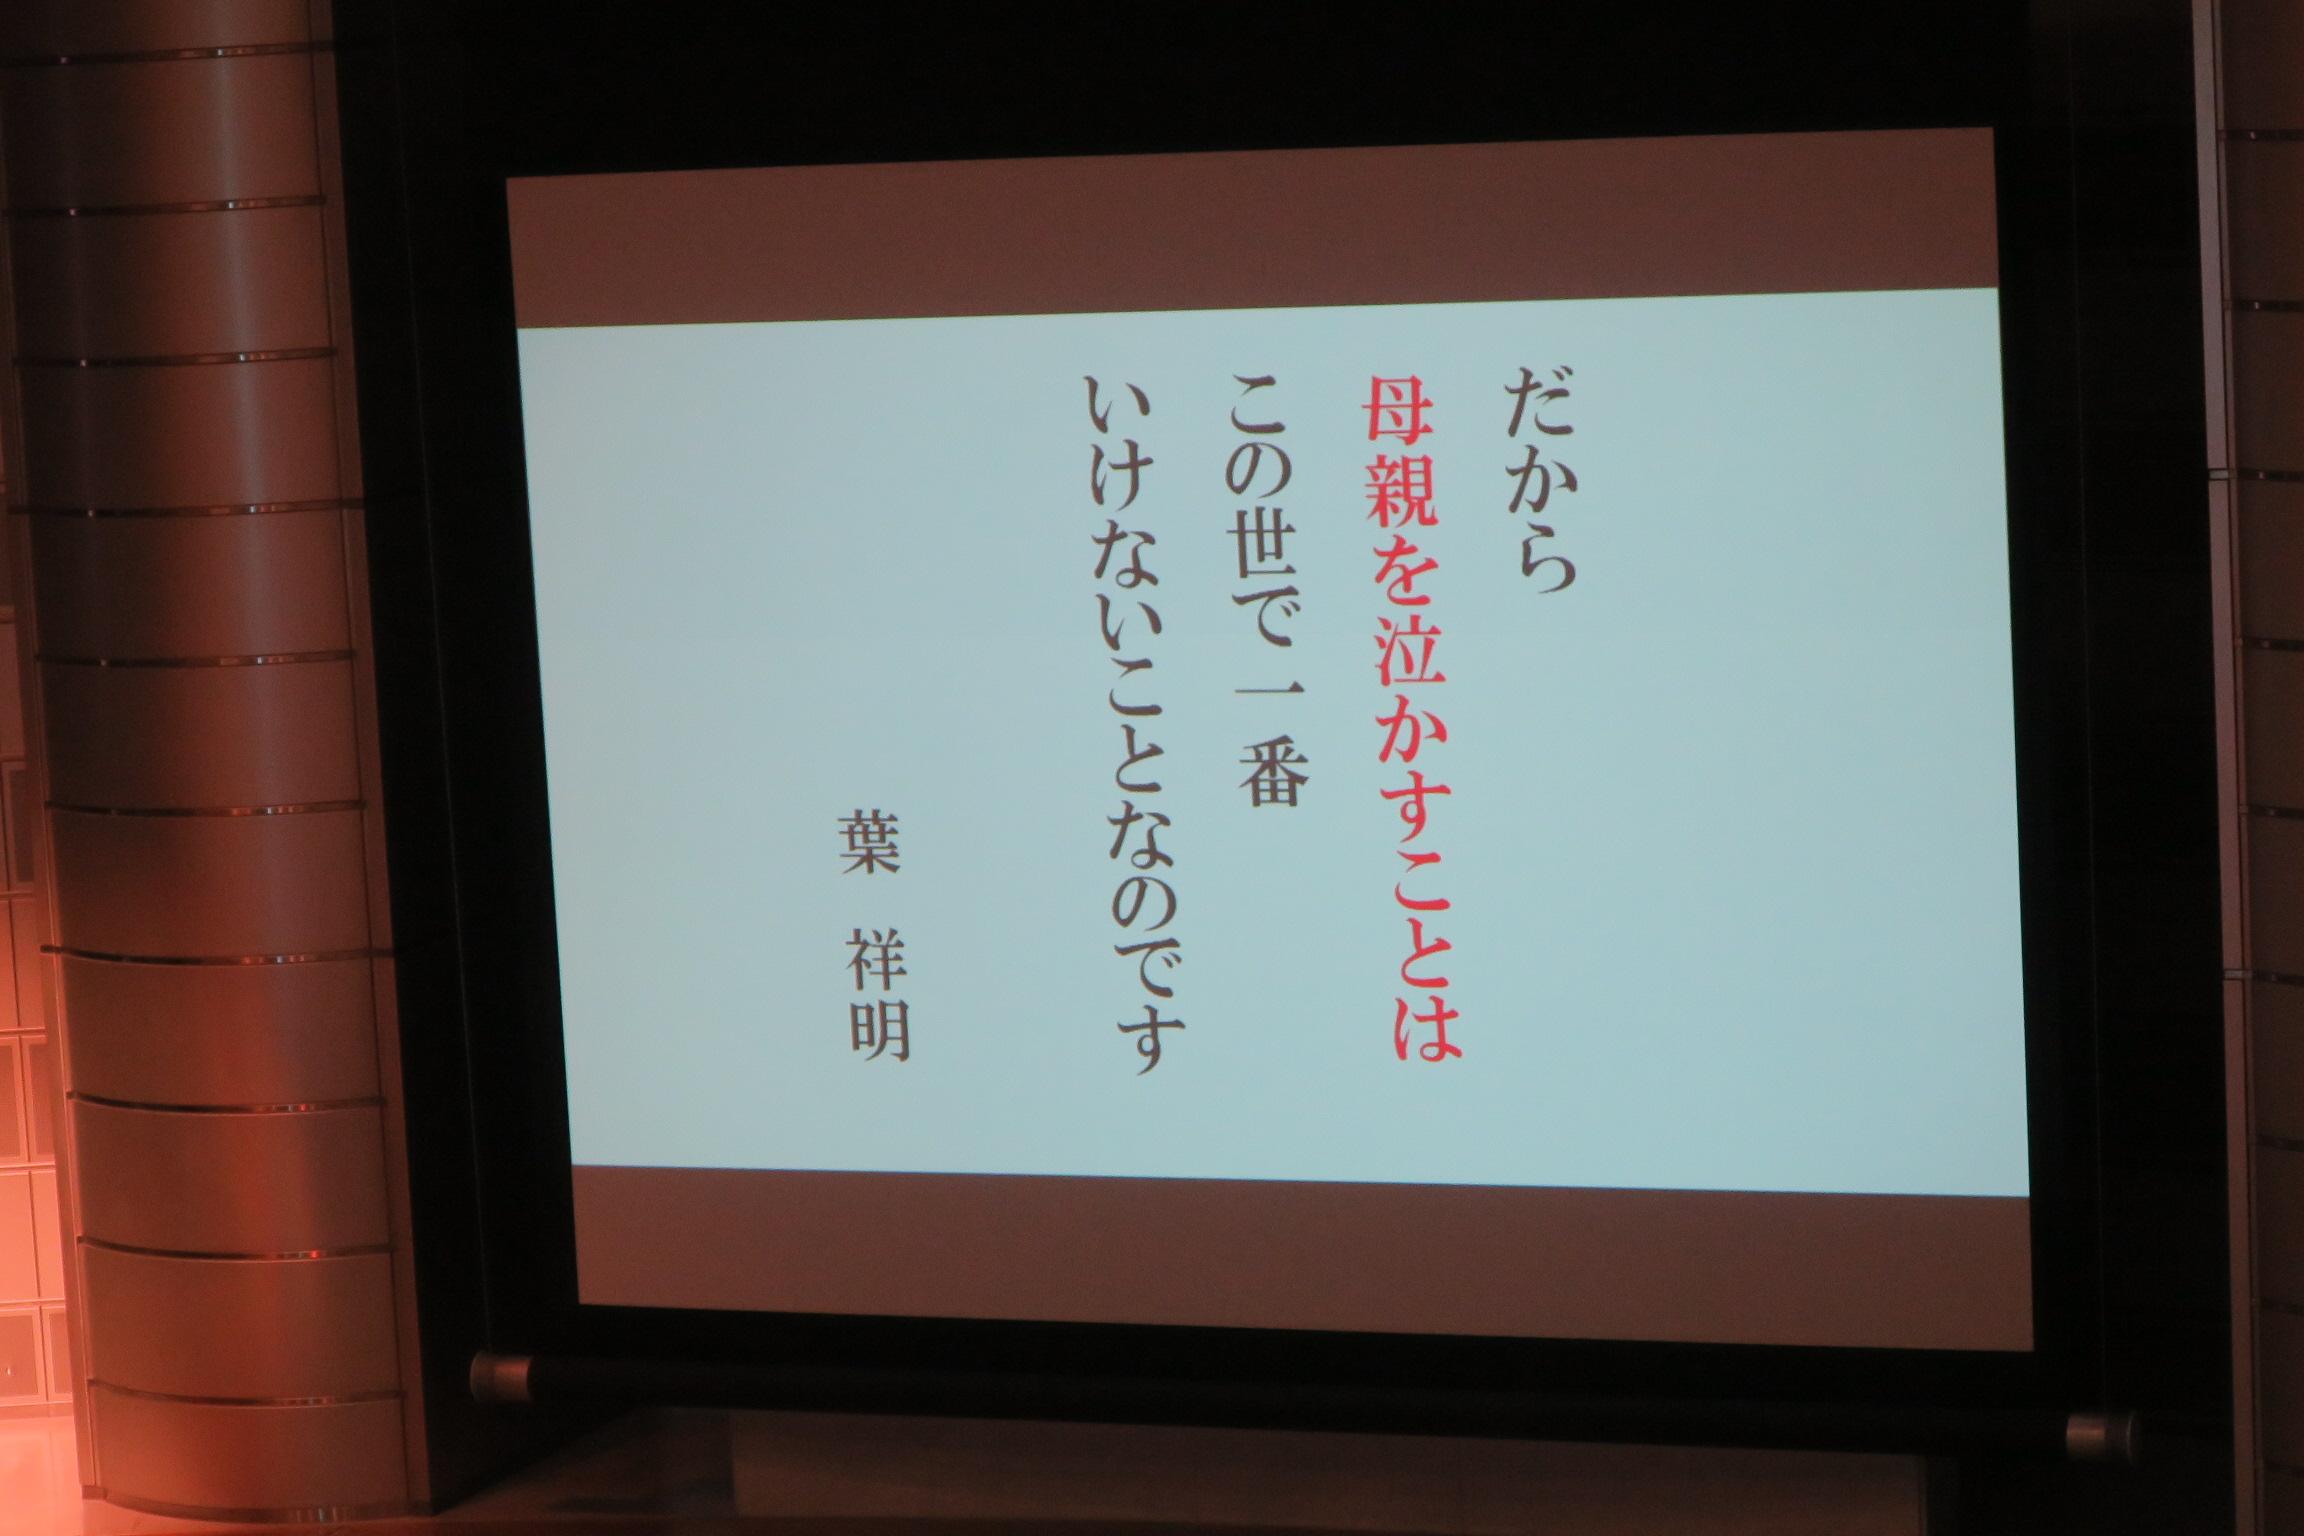 未来を切り開く3つの生き方講演会